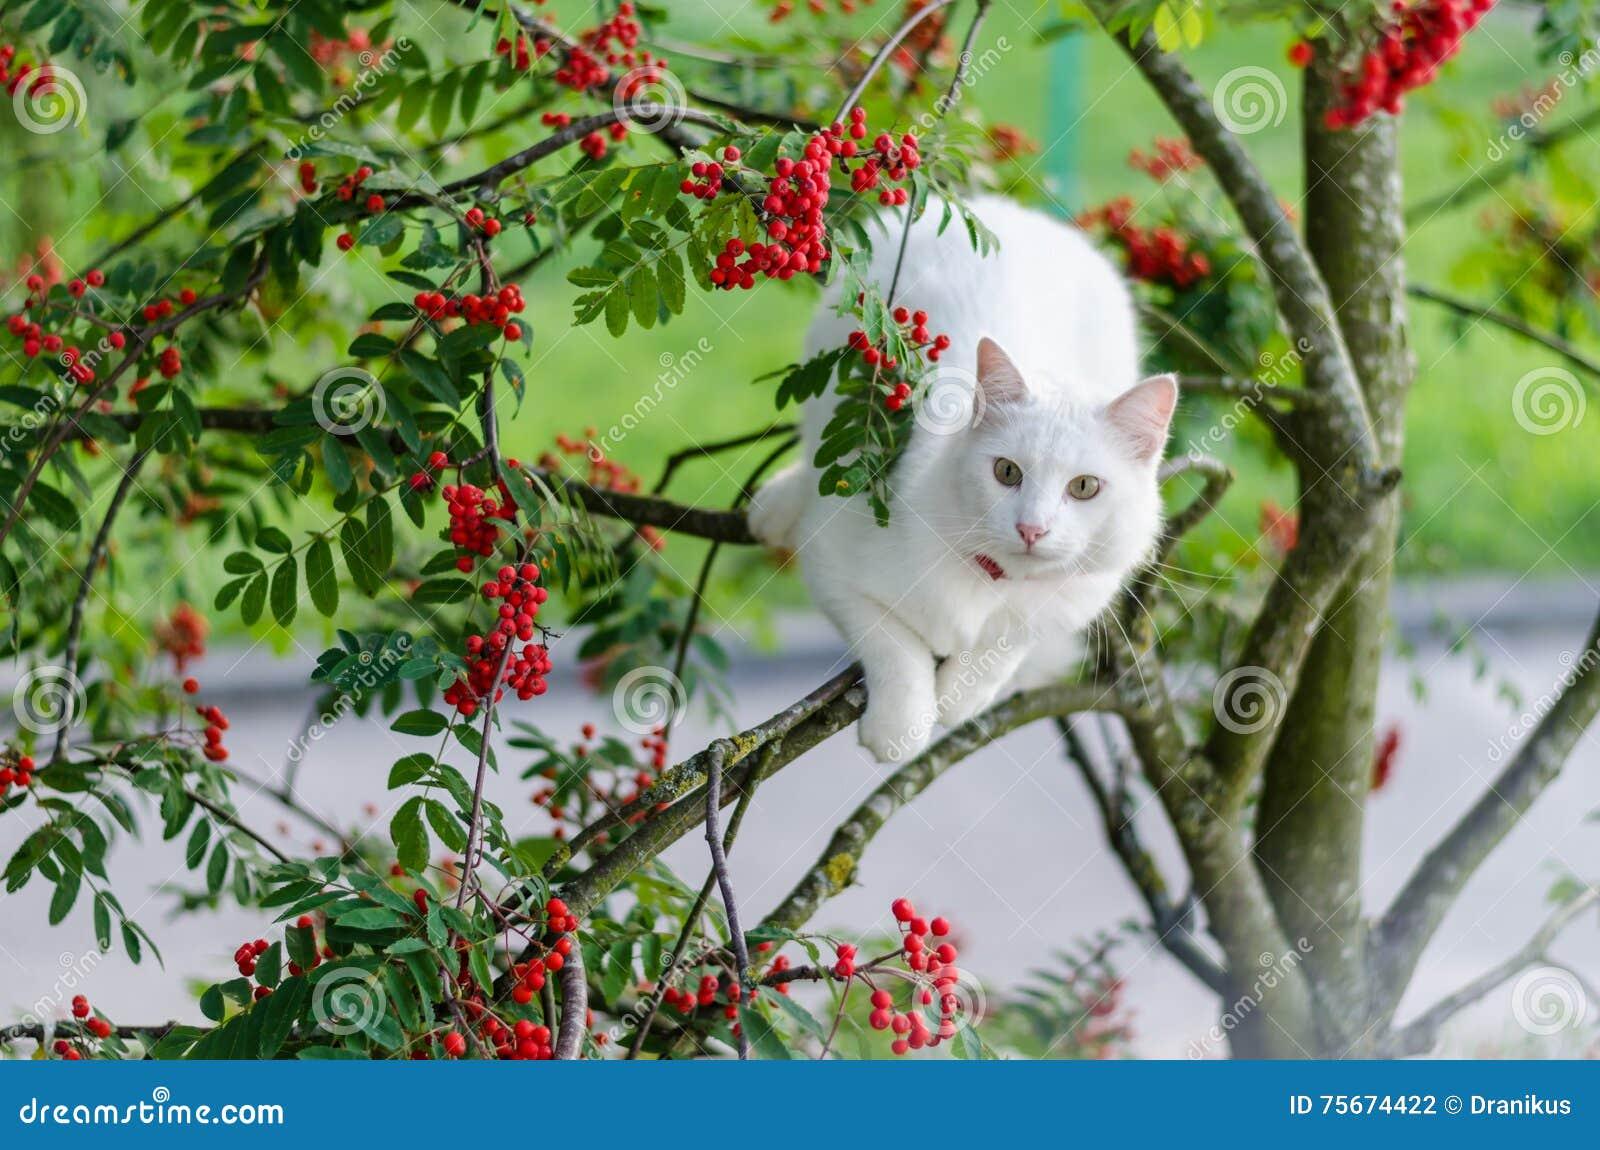 Katt husdjur, vit, kattdjur, gulligt som är ung, djur